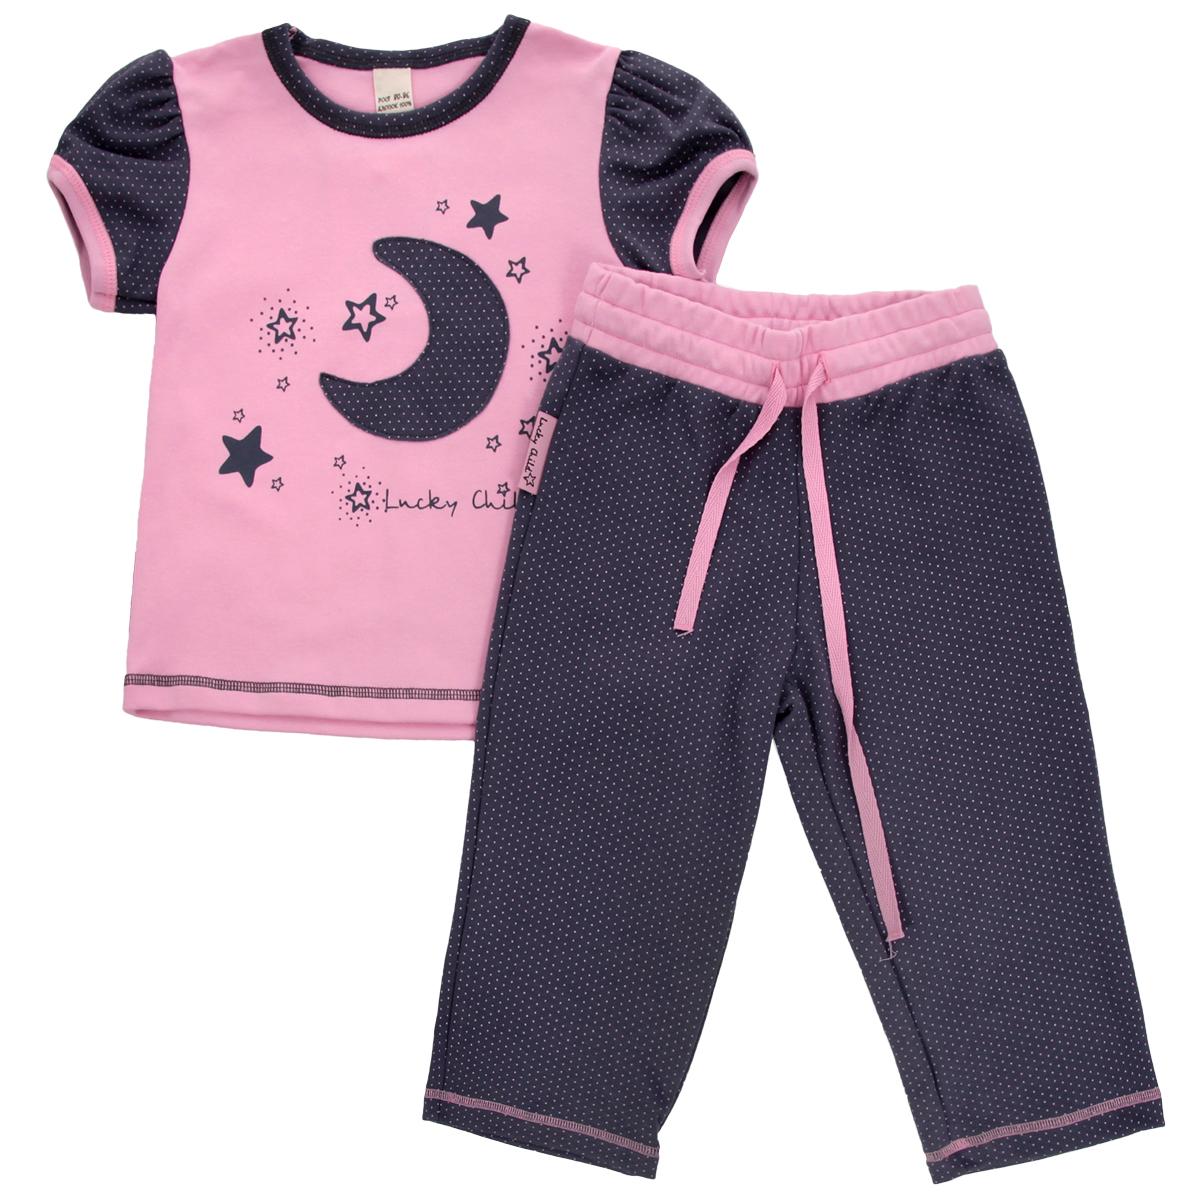 Пижама12-403Очаровательная пижама для девочки Lucky Child, состоящая из футболки и брюк, идеально подойдет вашей дочурке и станет отличным дополнением к детскому гардеробу. Изготовленная из натурального хлопка - интерлока, она необычайно мягкая и приятная на ощупь, не раздражает нежную кожу ребенка и хорошо вентилируется, а эластичные швы приятны телу и не препятствуют его движениям. Футболка с короткими рукавами-фонариками и круглым вырезом горловины оформлена оригинальной аппликацией в виде месяца, а также принтом с изображением звездочек и названием бренда. Горловина и рукава оформлены мелким гороховым принтом. Низ изделия оформлен контрастной фигурной прострочкой. Брюки прямого кроя на талии имеют широкий эластичный пояс со шнурком, благодаря чему они не сдавливают животик ребенка и не сползают. Оформлены брюки мелким гороховым принтом. Такая пижама идеально подойдет вашей дочурке, а мягкие полотна позволят ей комфортно чувствовать себя во время сна!